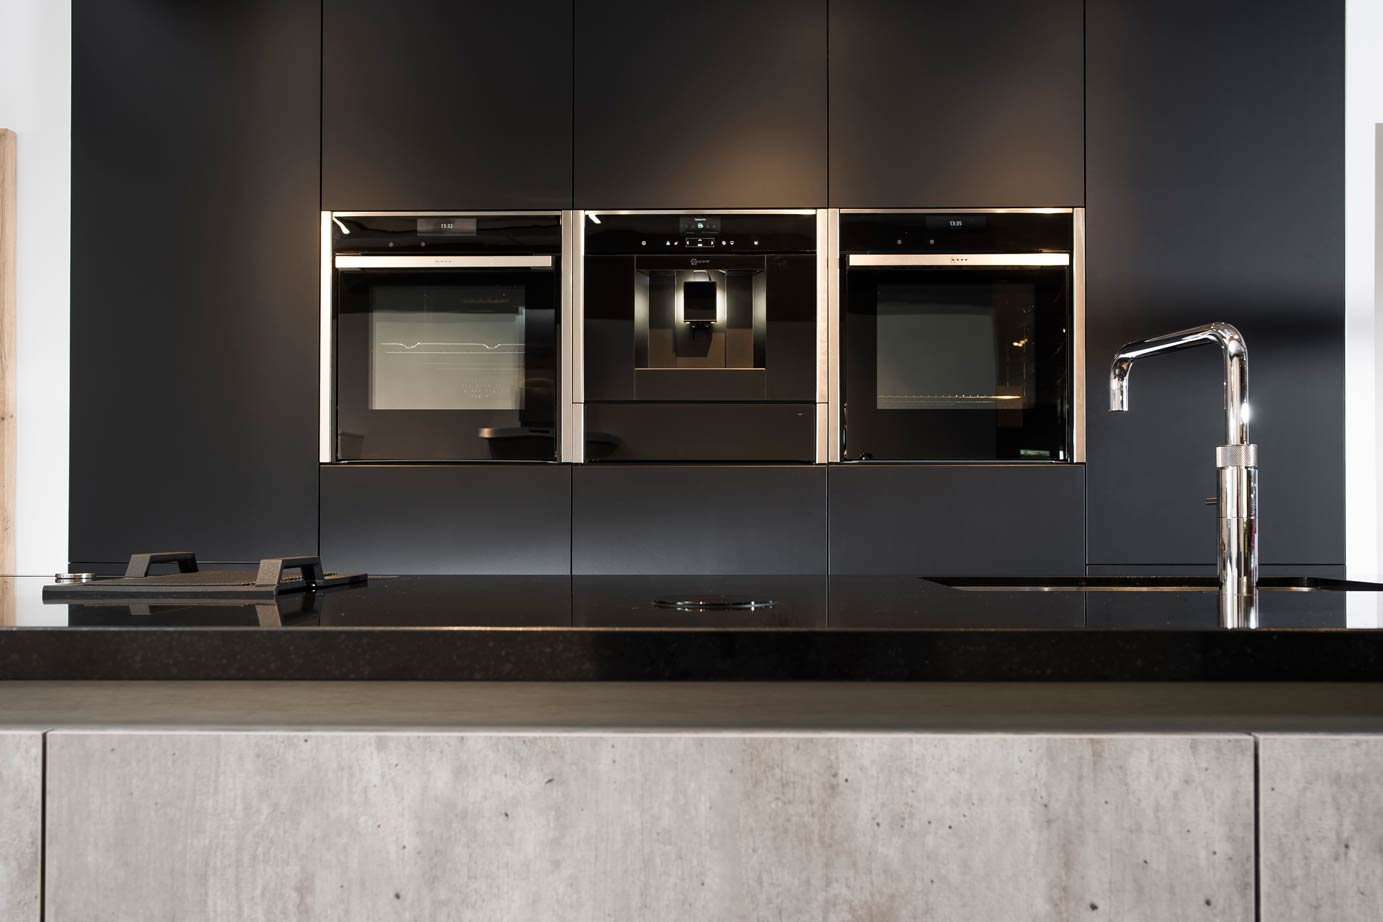 Eiland Keuken Zwart : Landelijk moderne kookeiland met kastenwand db keukens